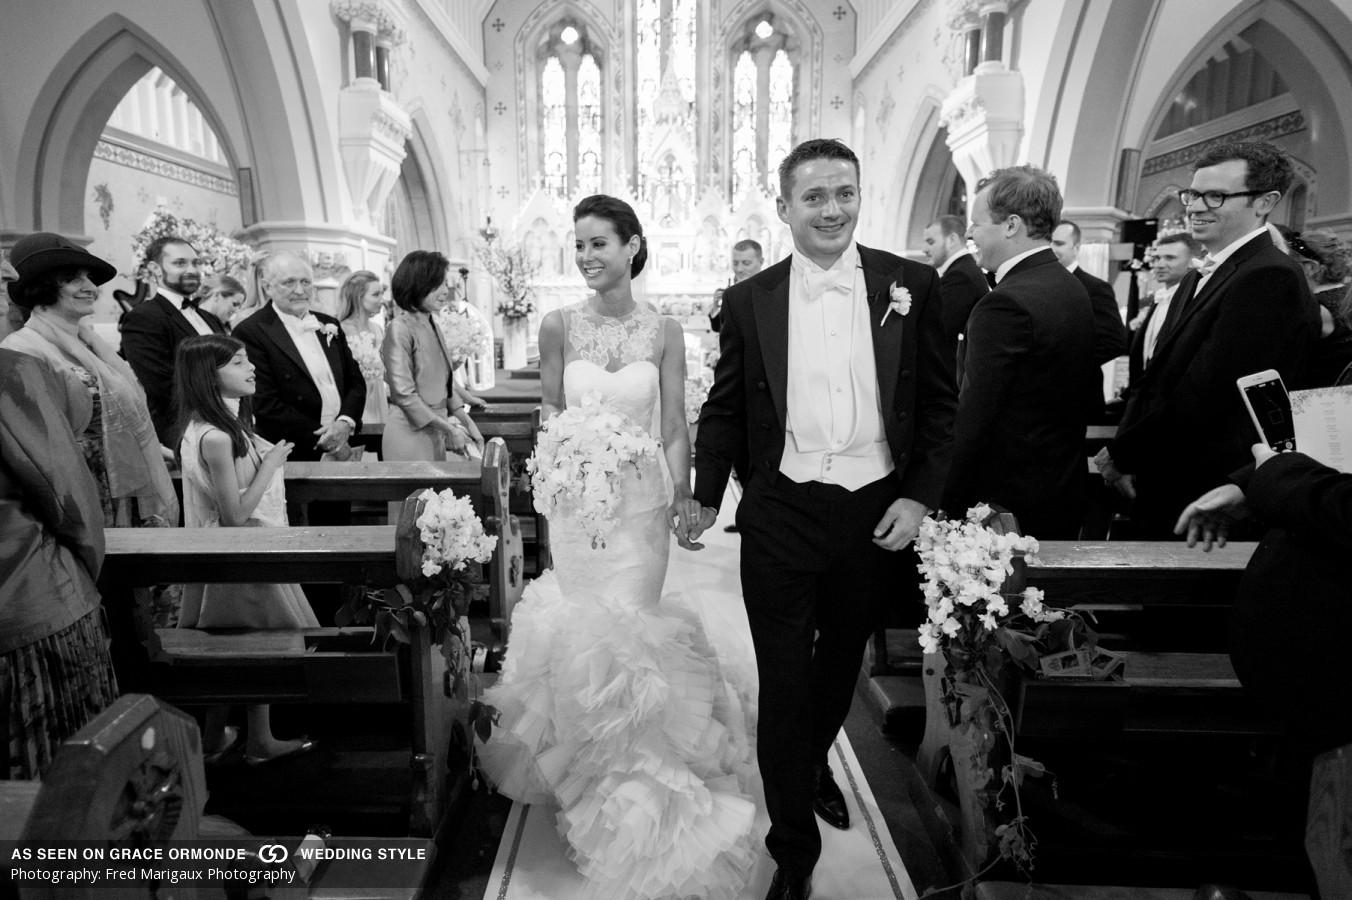 fred-marigaux-wedding-2016-ireland-08.jpg